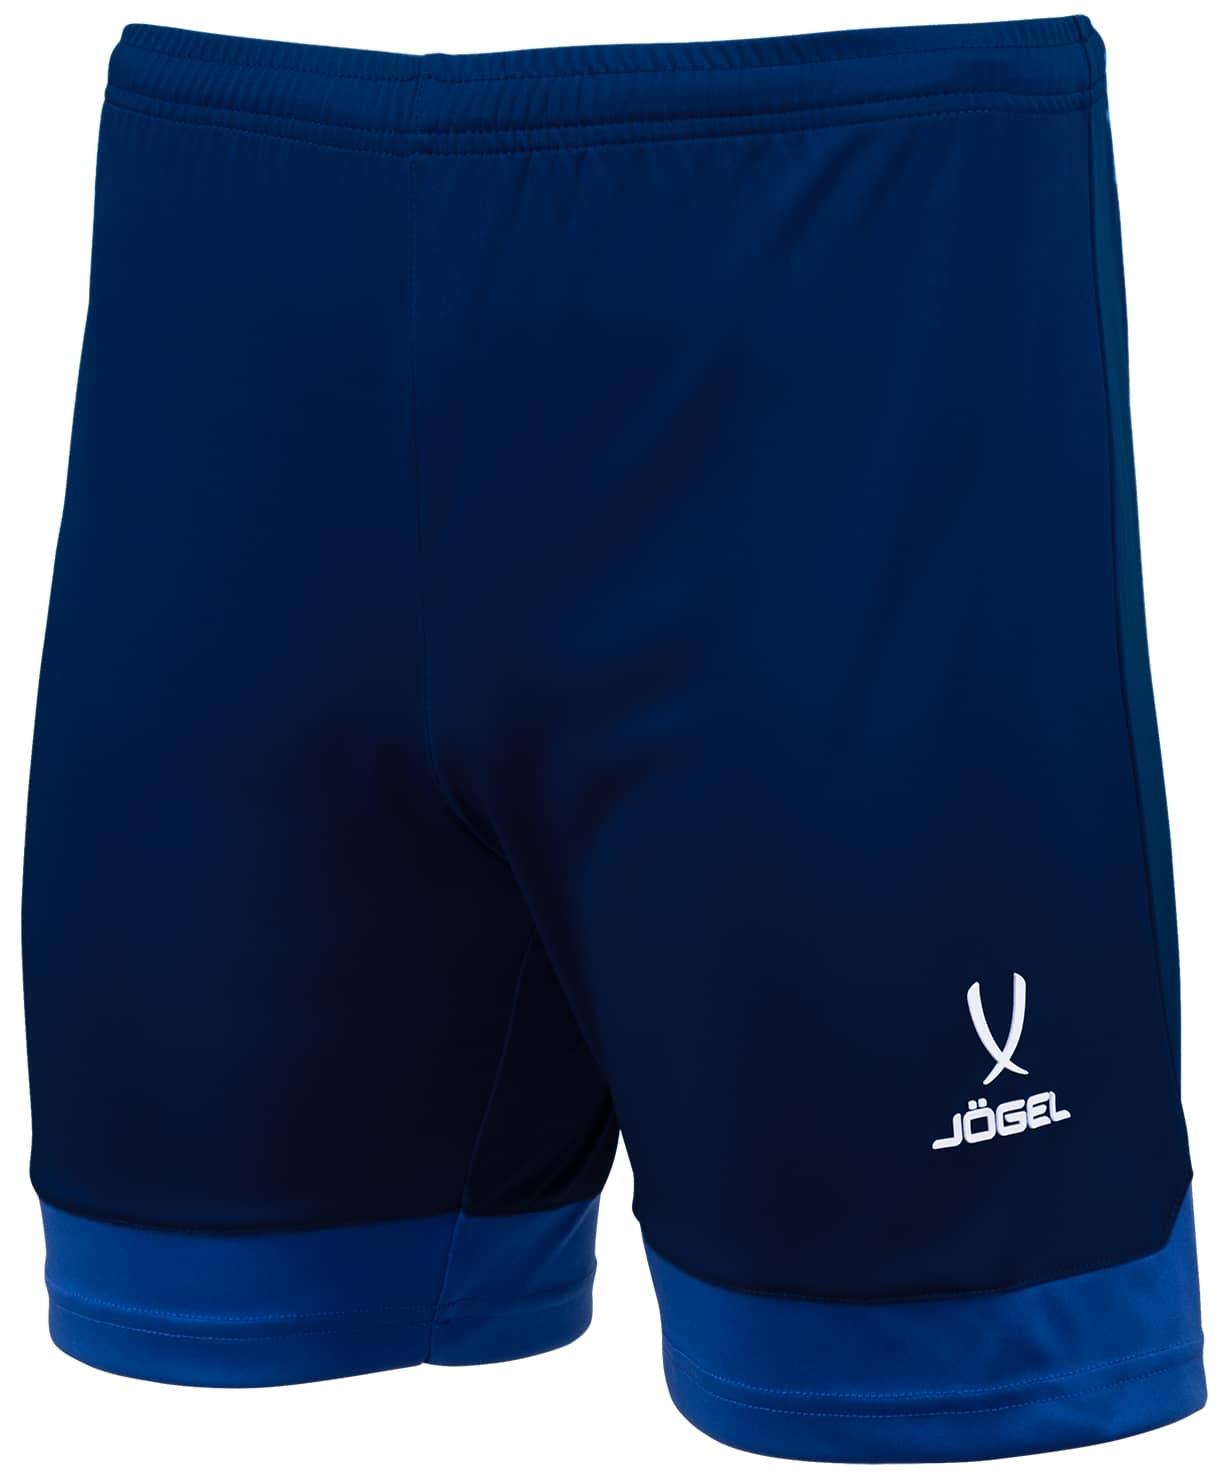 Шорты игровые DIVISION PerFormDRY Union Shorts, темно-синий/синий/белый, детские